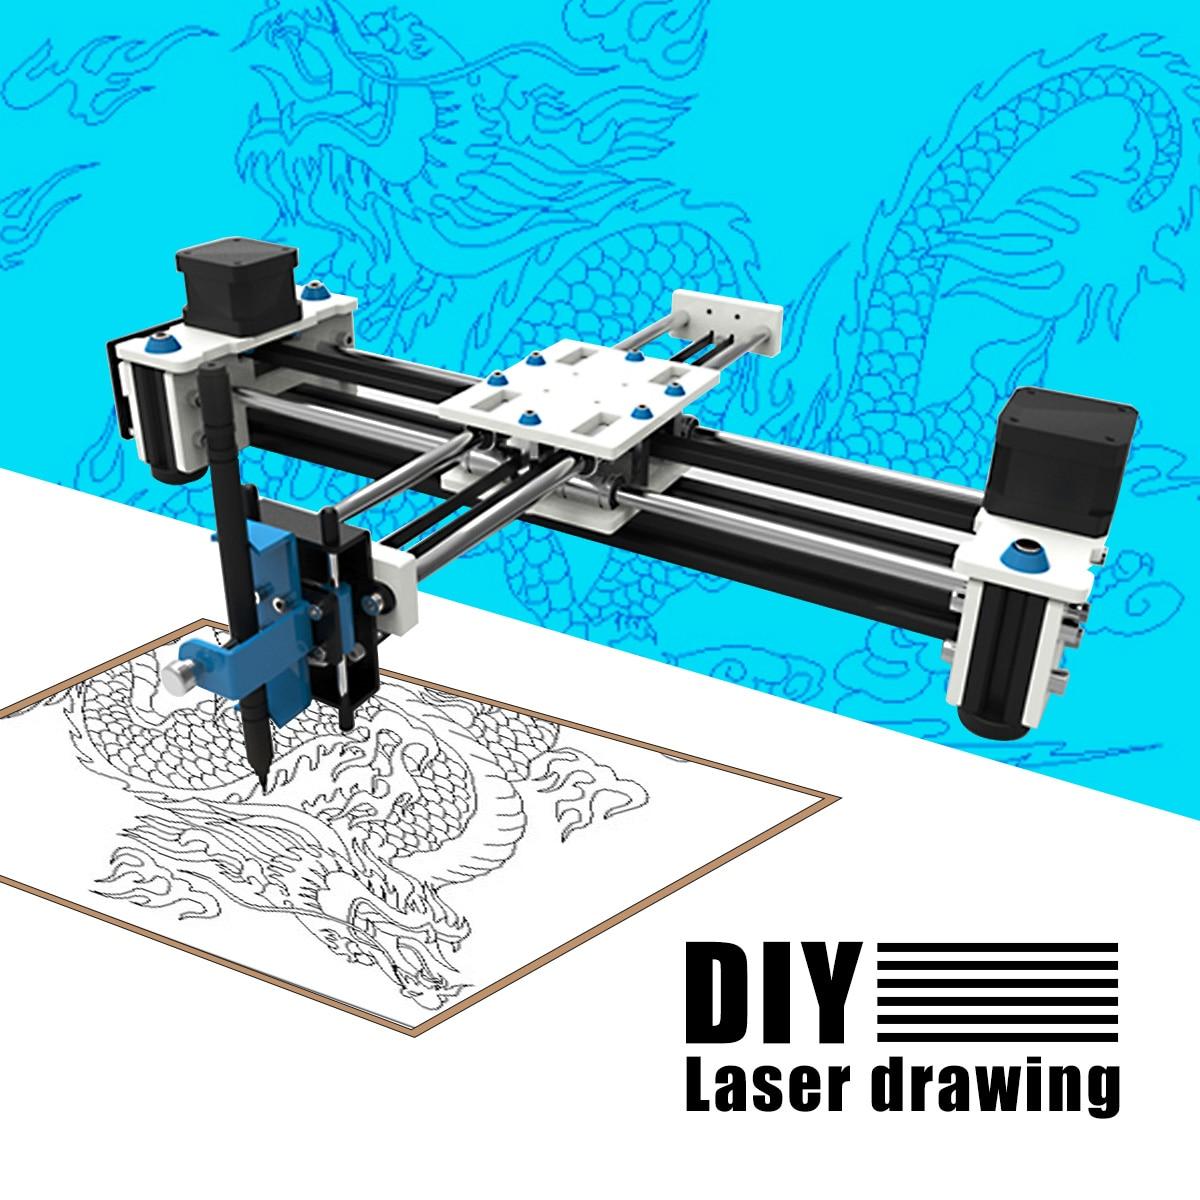 200 x мм 280 мм Мини XY 2 оси с ЧПУ плоттер ручка USB DIY Лазерный чертежный станок гравировка области рабочего рисунок робот